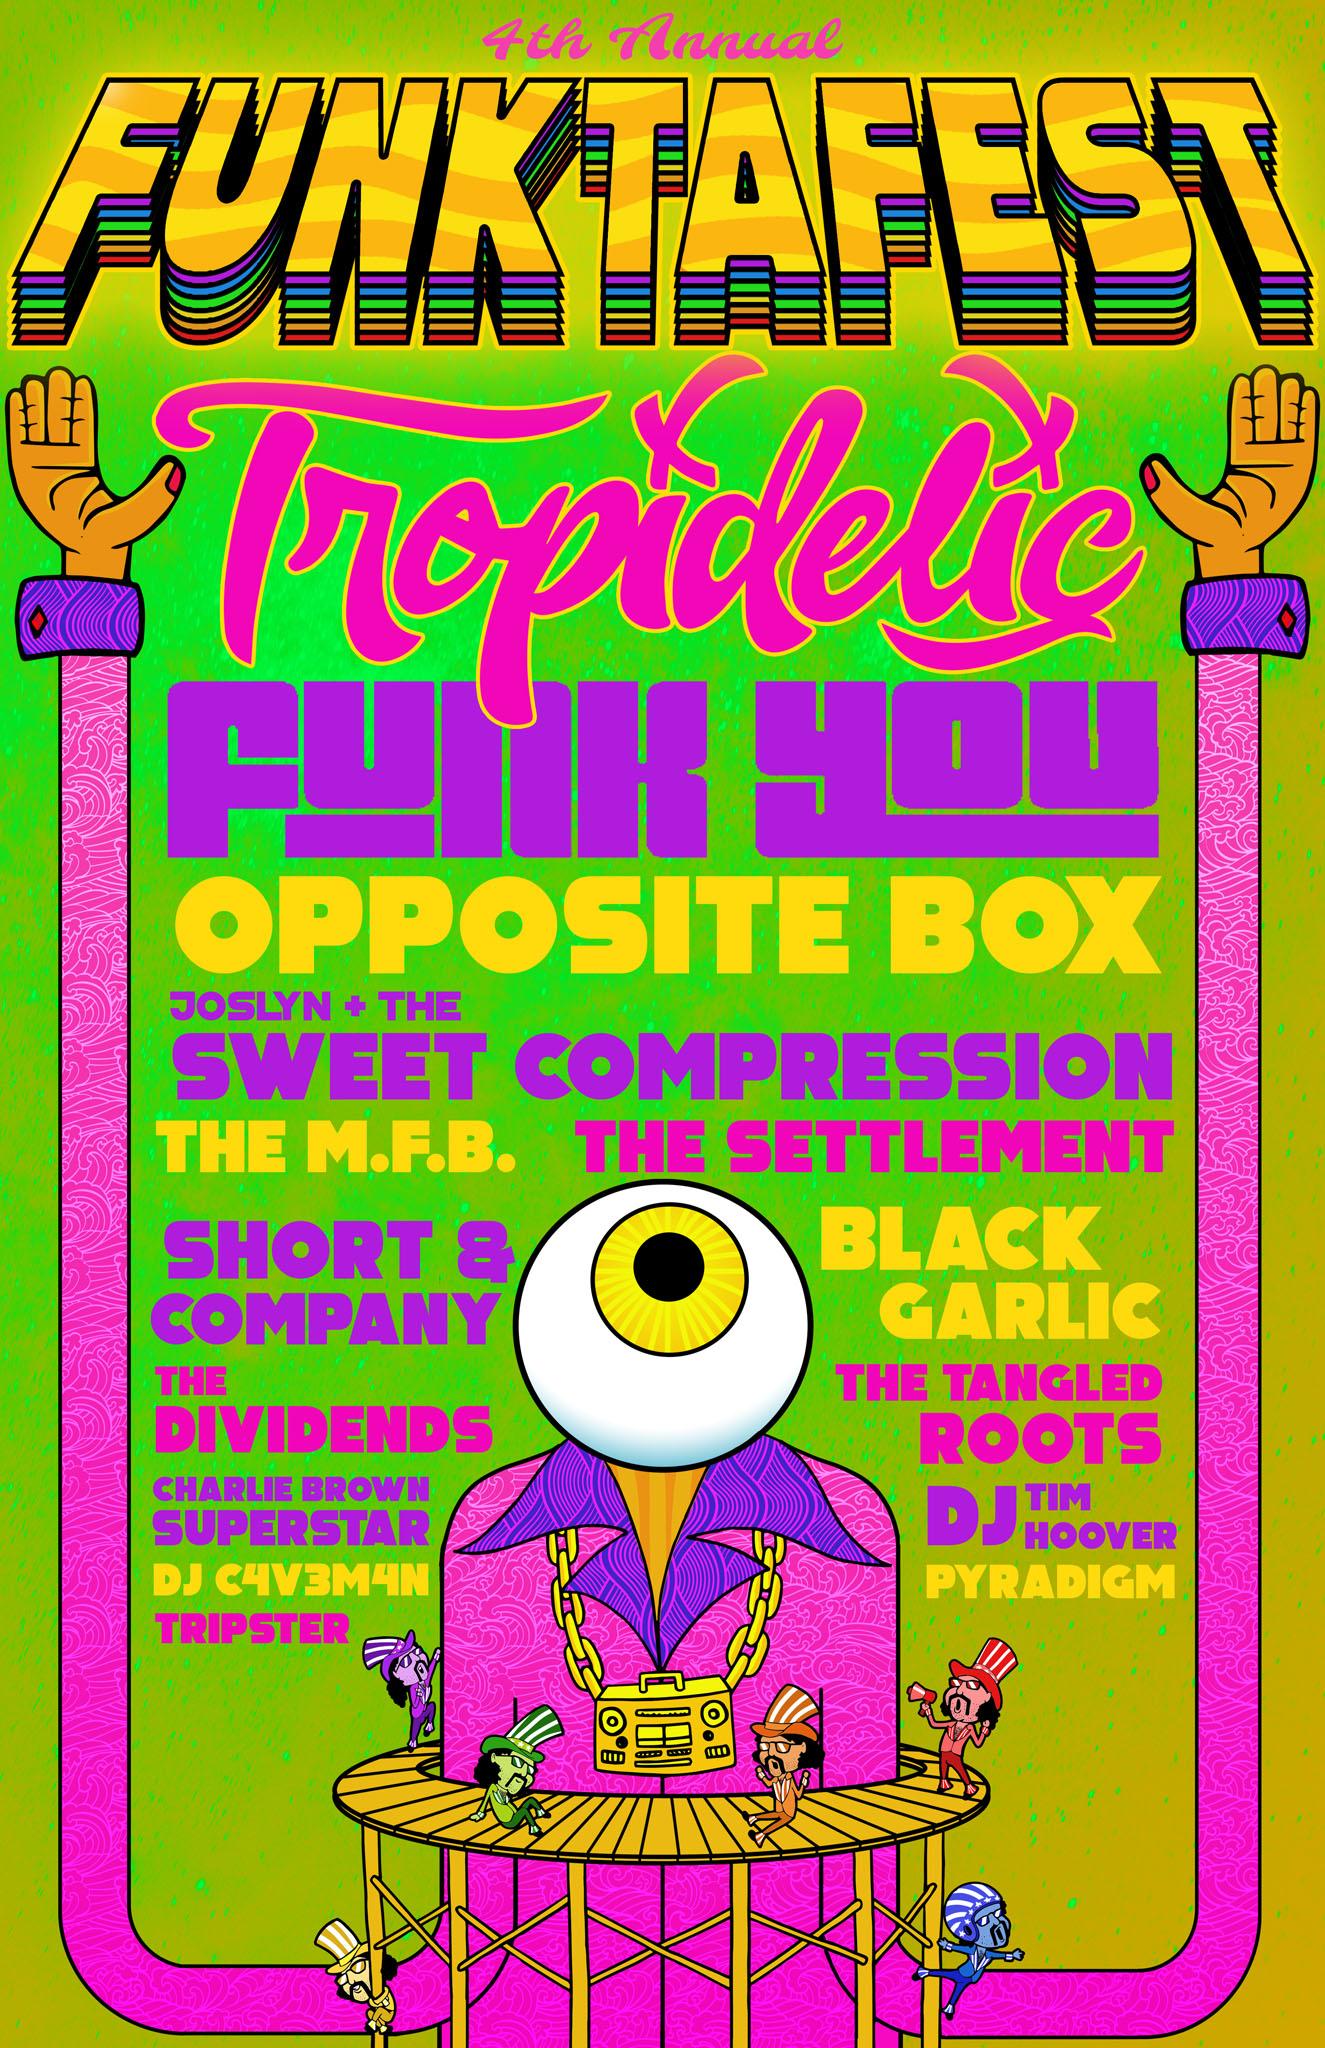 Funktafest 2019 Flyer